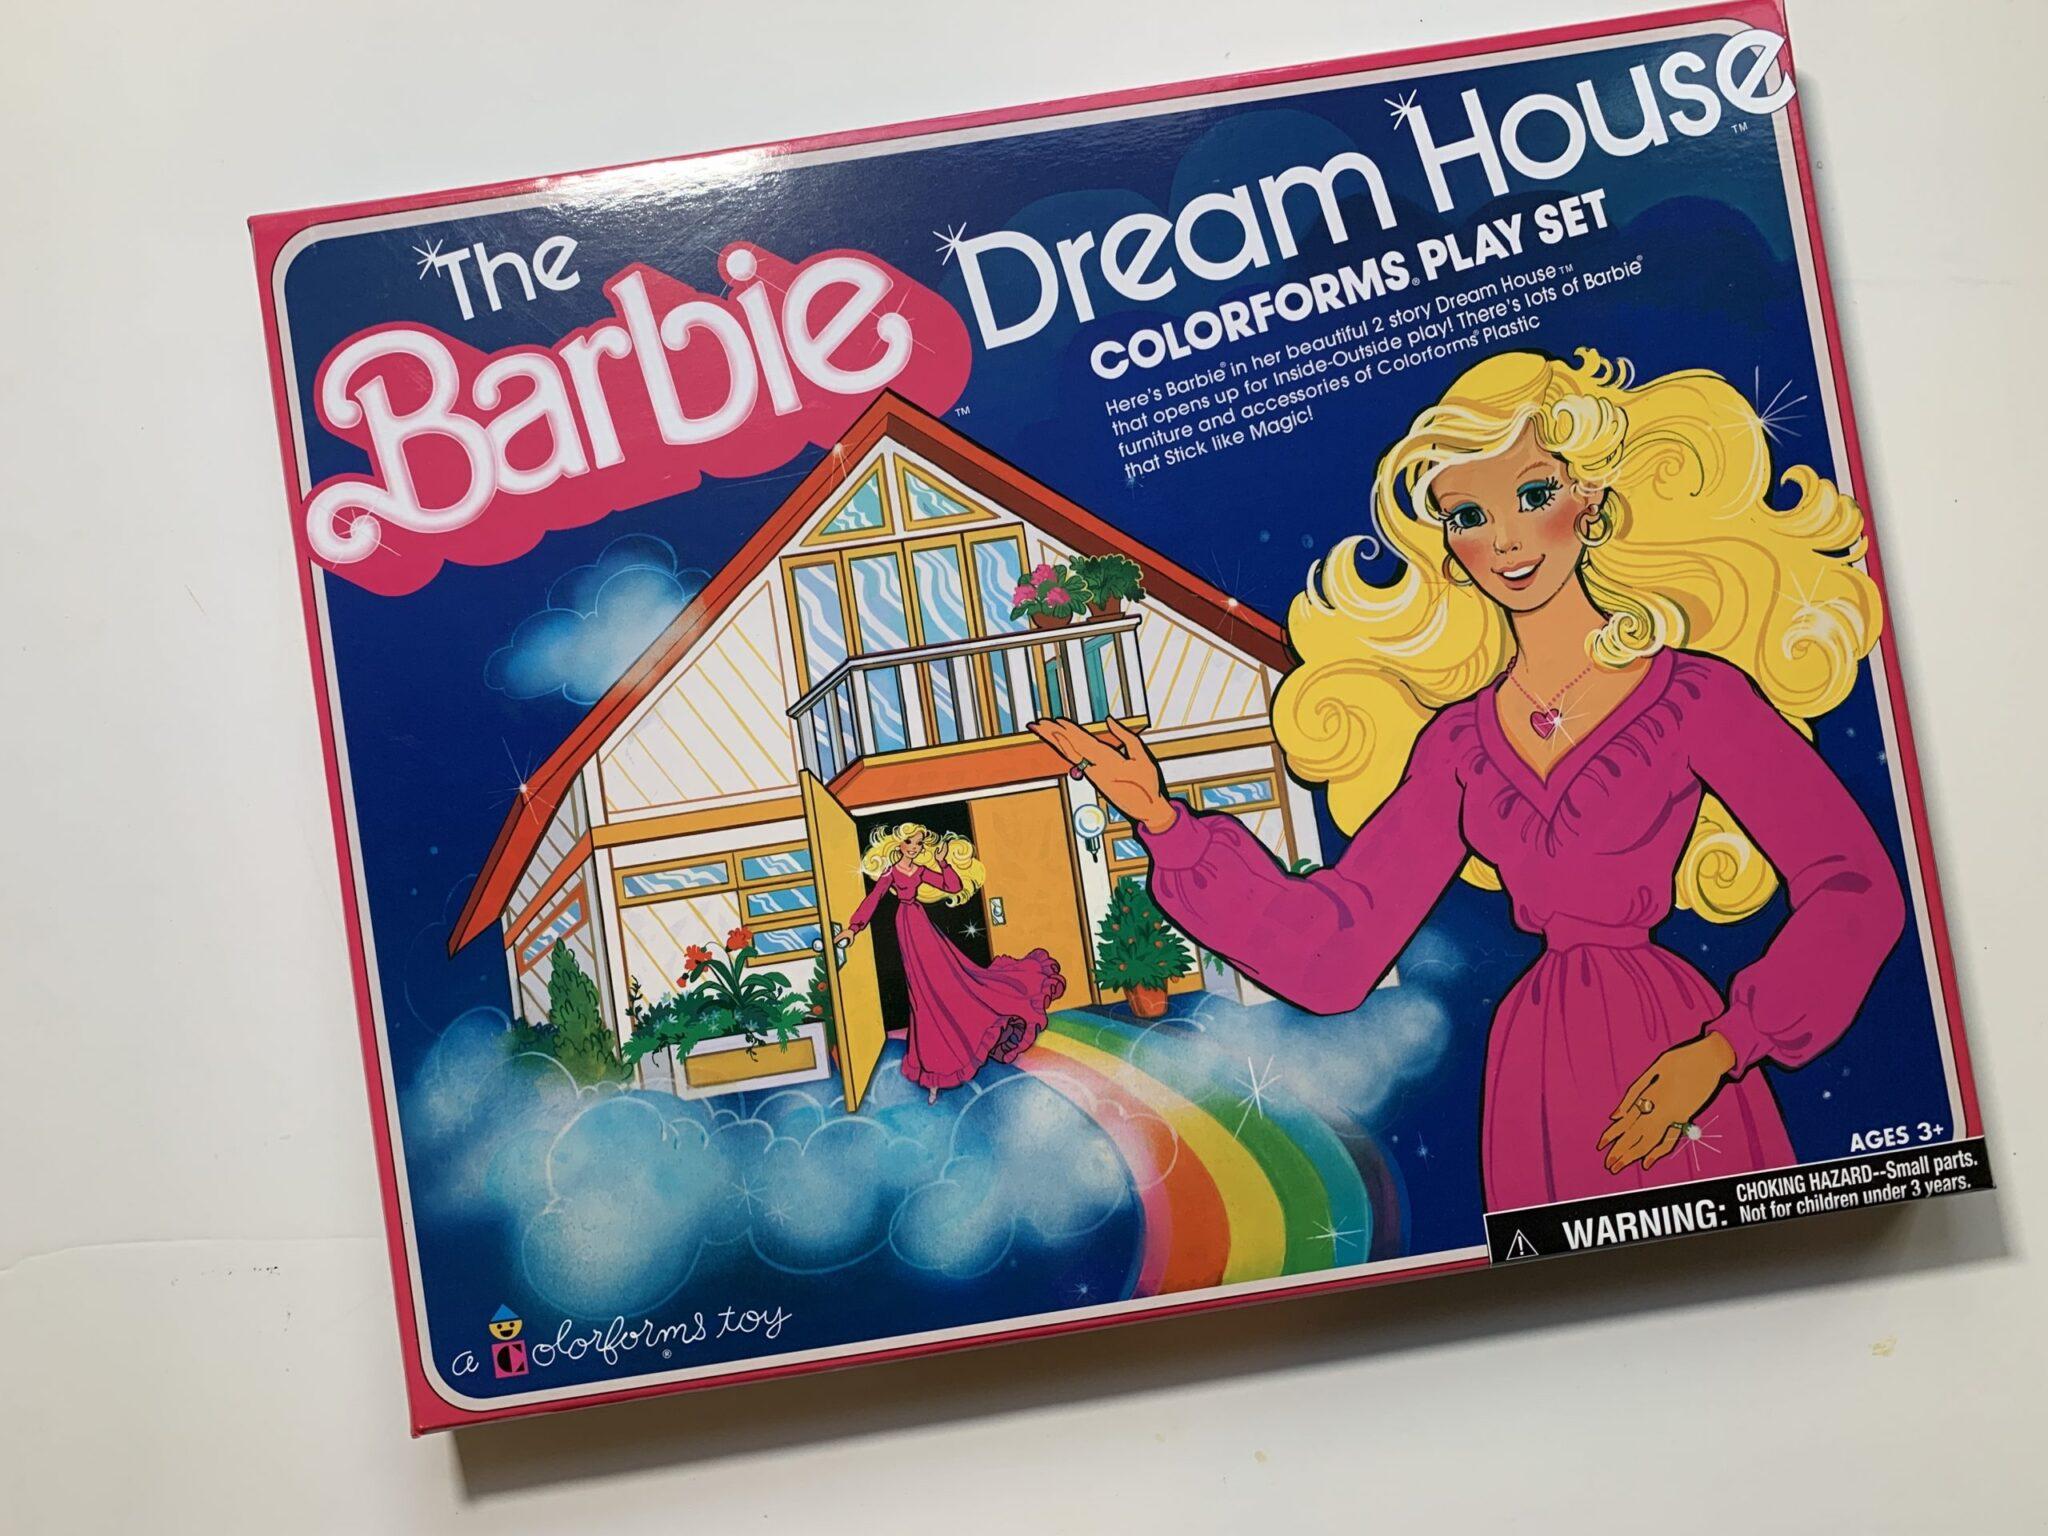 Barbie Dream House Coloroforms Retro